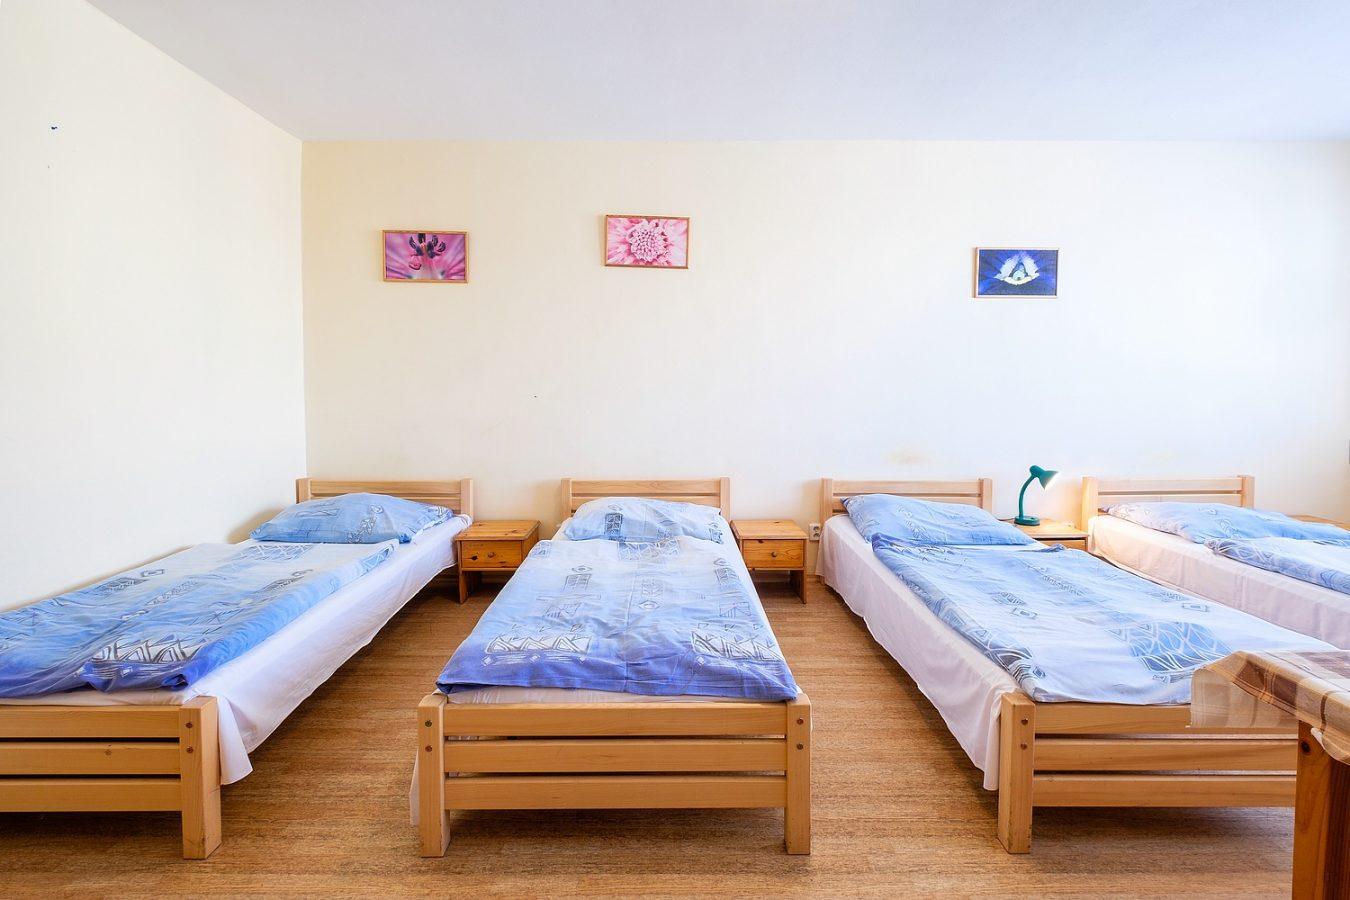 Čtyřlůžkový pokoj – Ubytovna U Nádraží – Levné ubytování v Českých Budějovicích